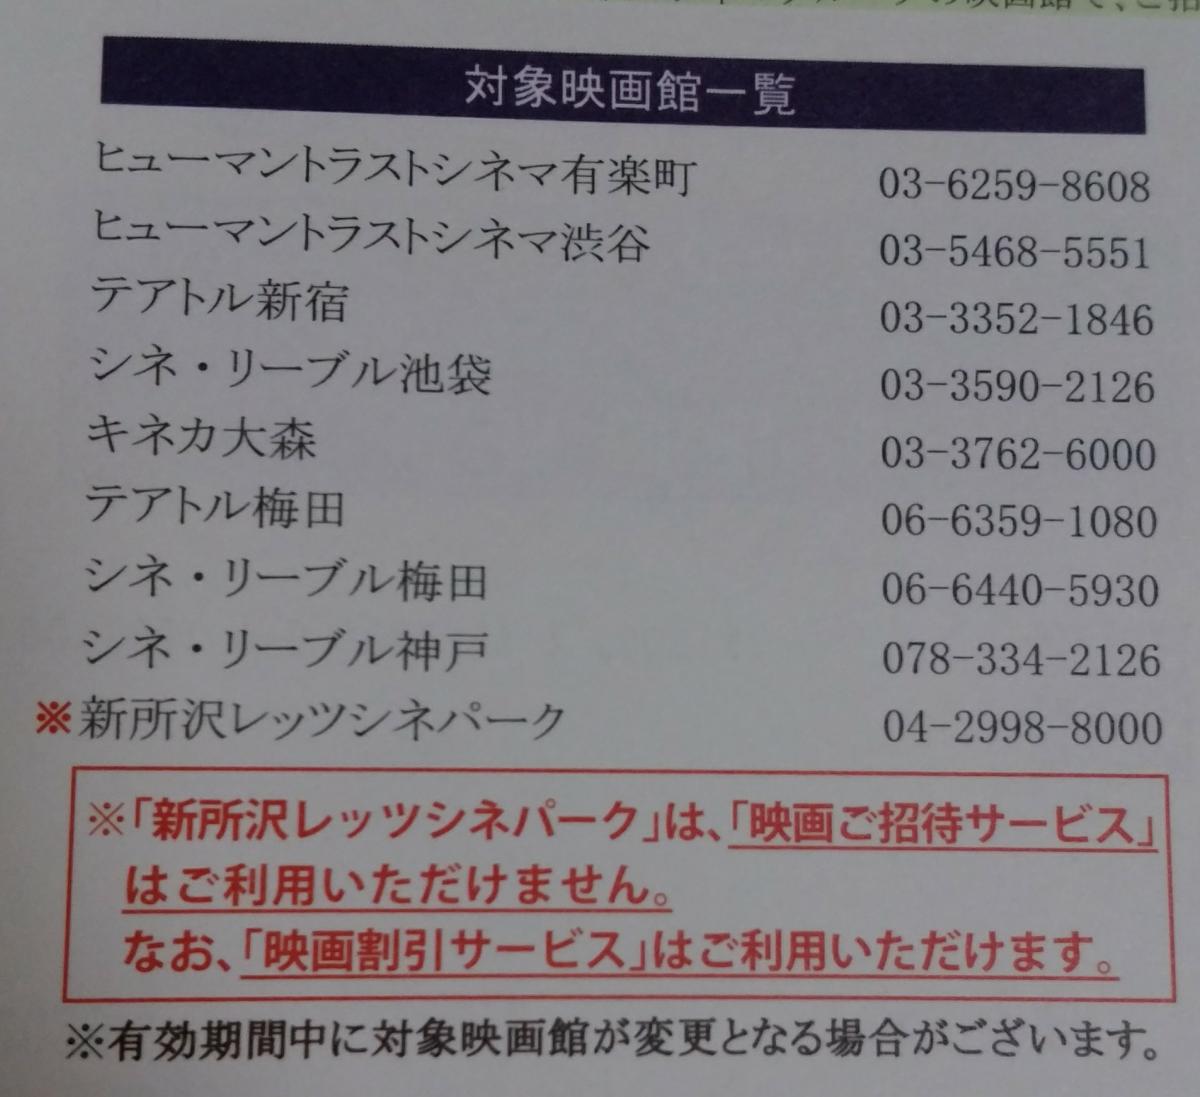 9633 - 東京テアトル(株) あー!  新所沢レッツシネパークは、優待券(招待券)使えないんだ!!  昔は使えてましたよね? どん